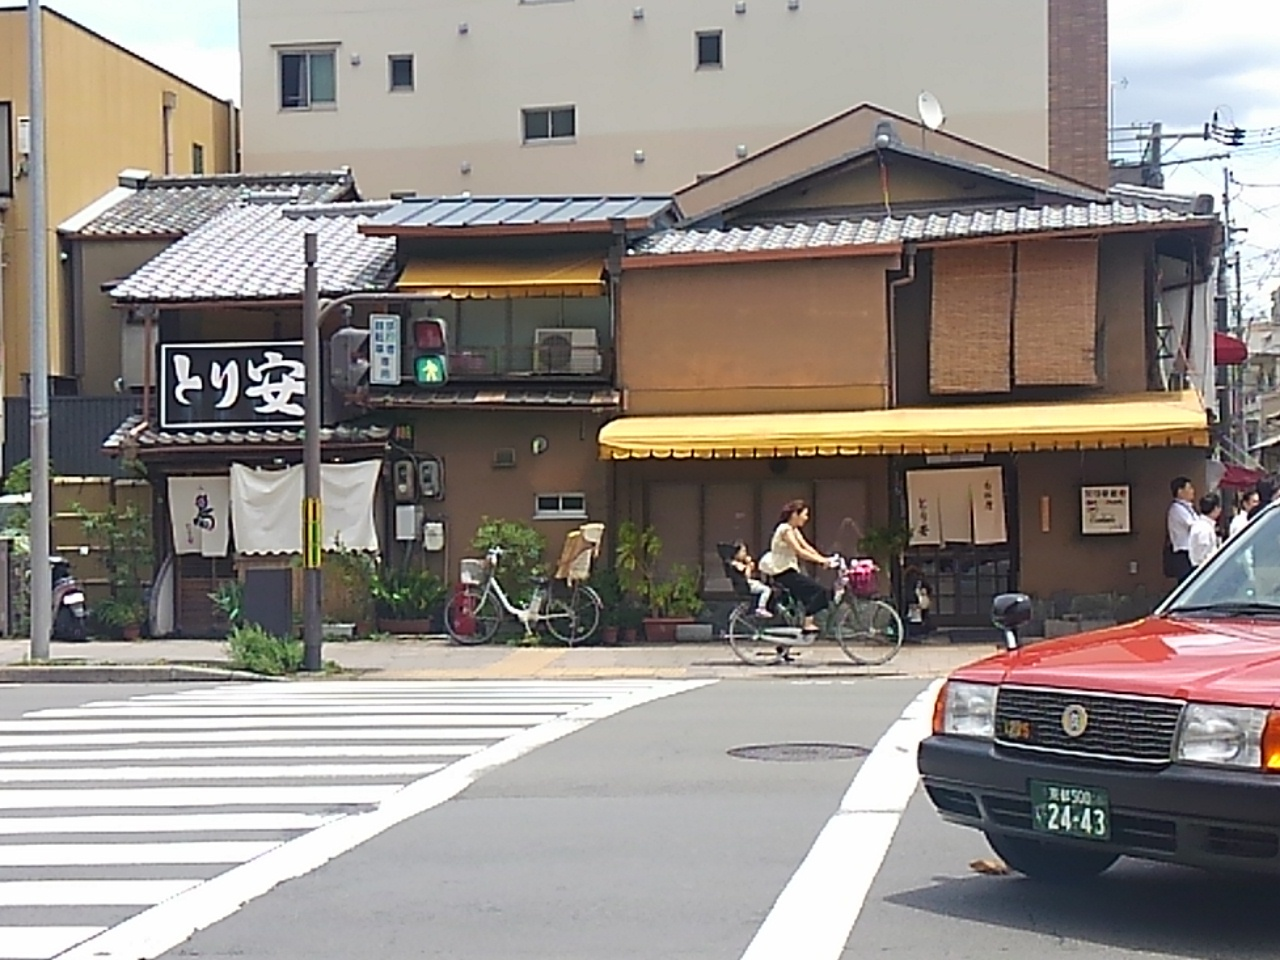 京都B級グルメ&カフェめぐり 2日目_d0083442_22492375.jpg